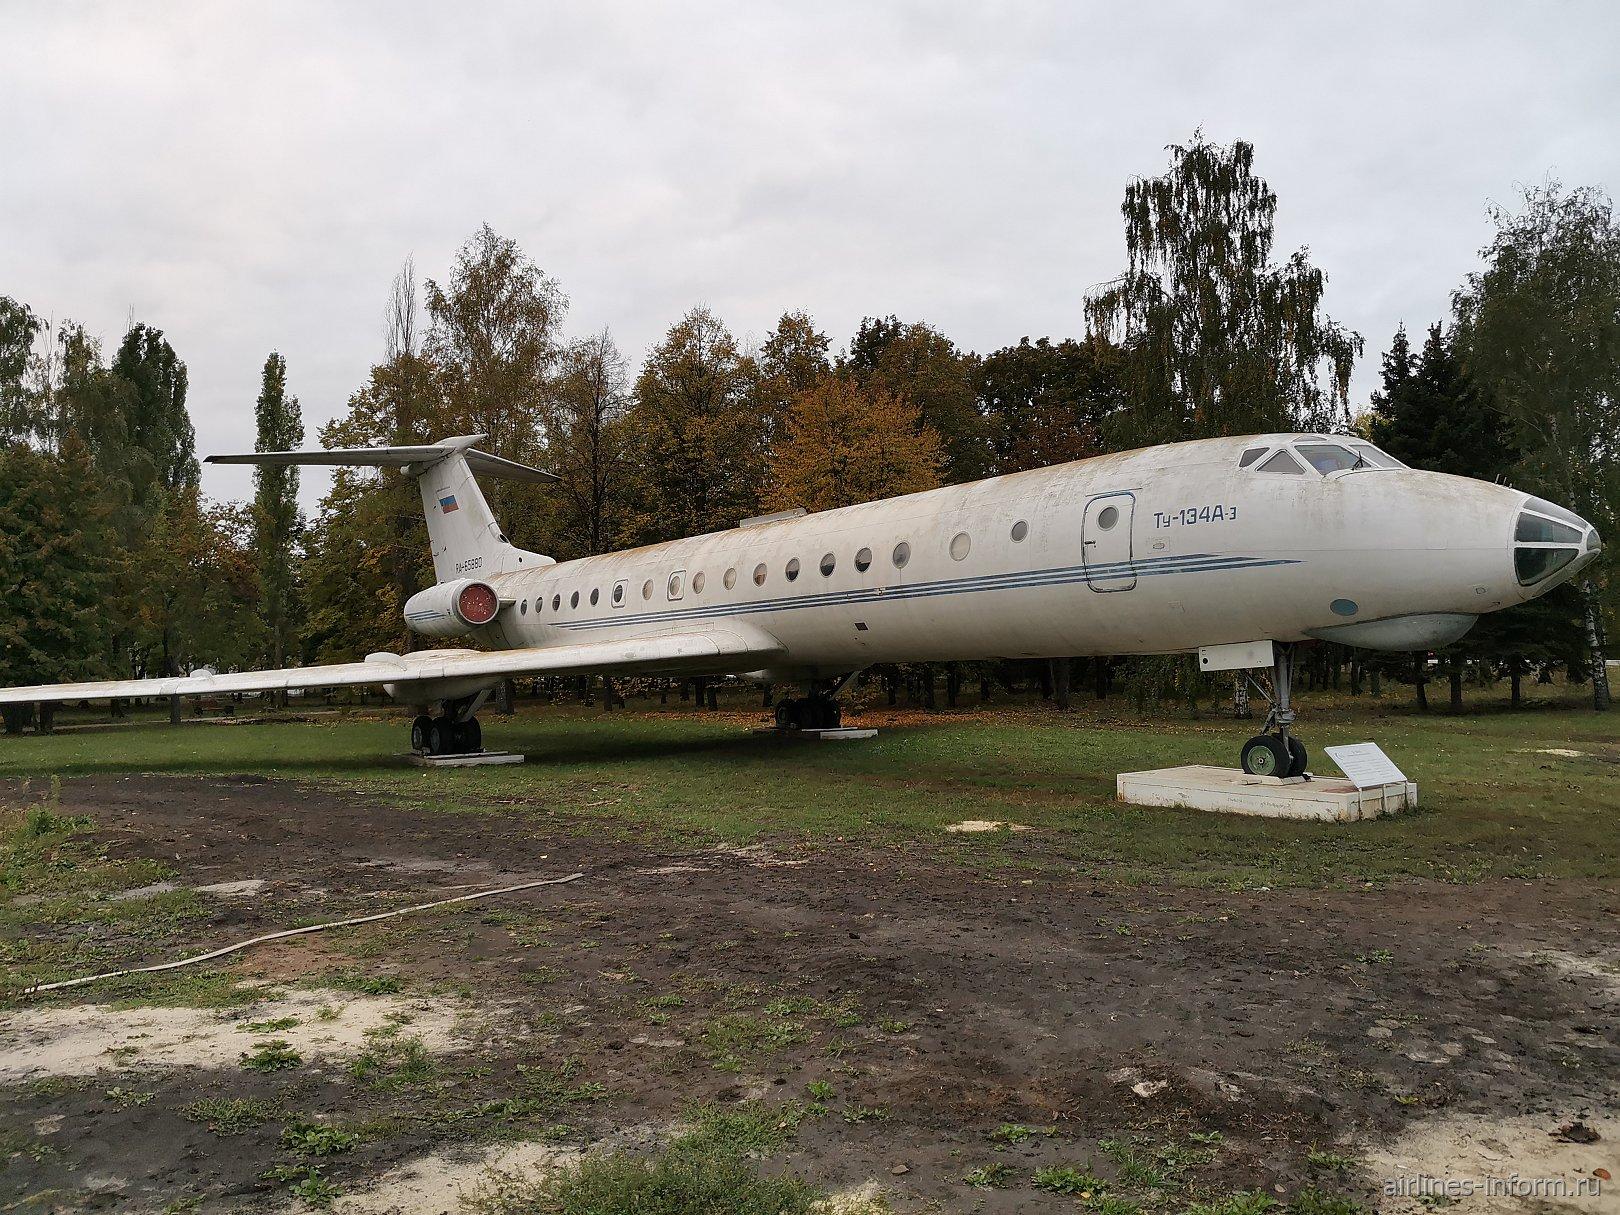 Самолет-памятник Ту-134А-3 (борт RA-65880) в аэропорту Воронеж Чертовицкое